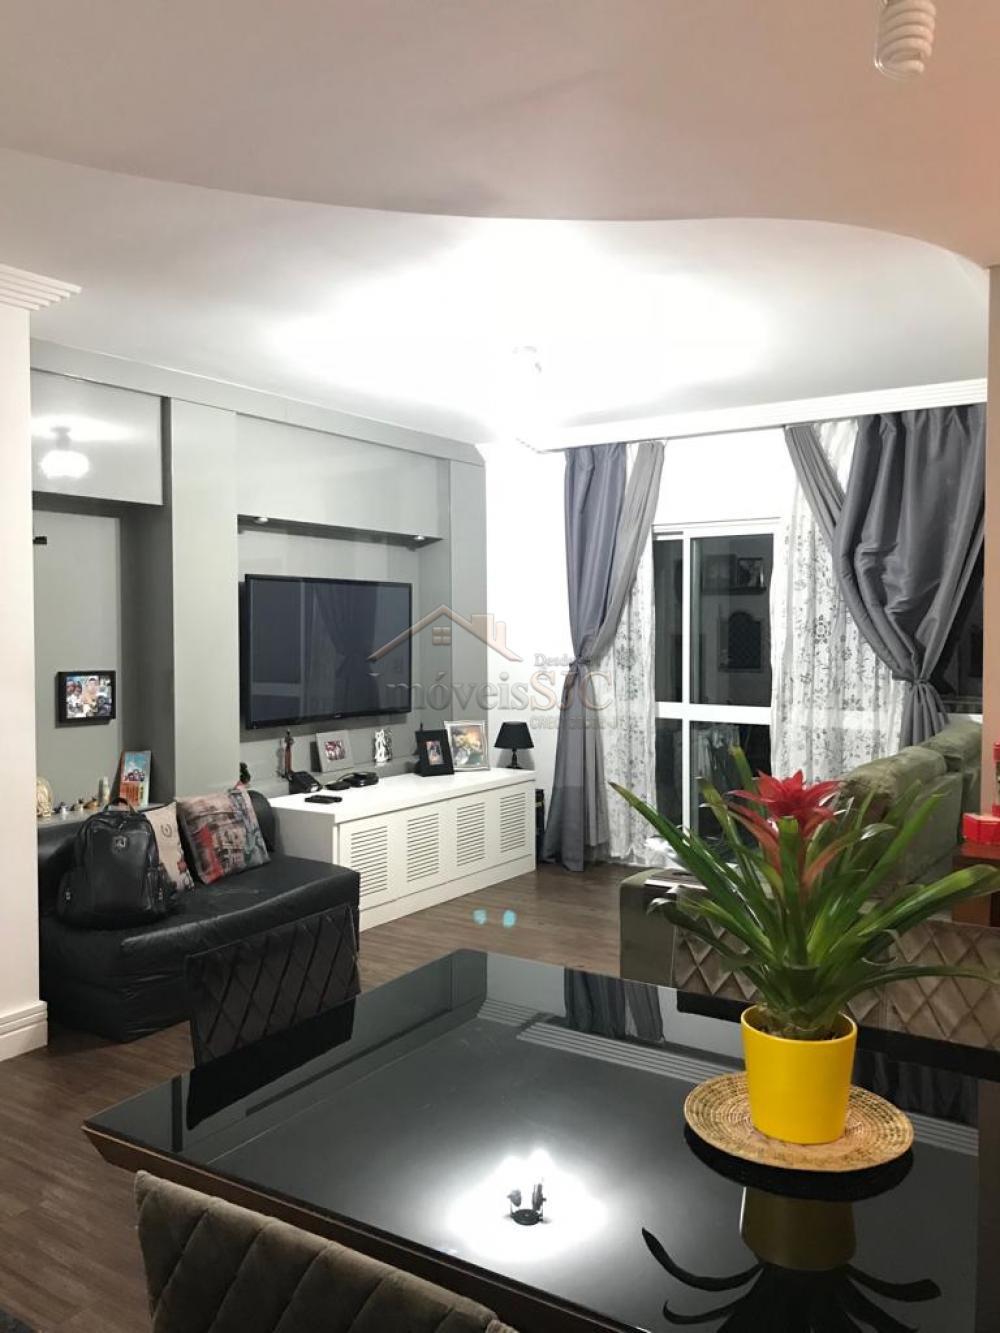 Comprar Apartamentos / Padrão em São José dos Campos apenas R$ 610.000,00 - Foto 1